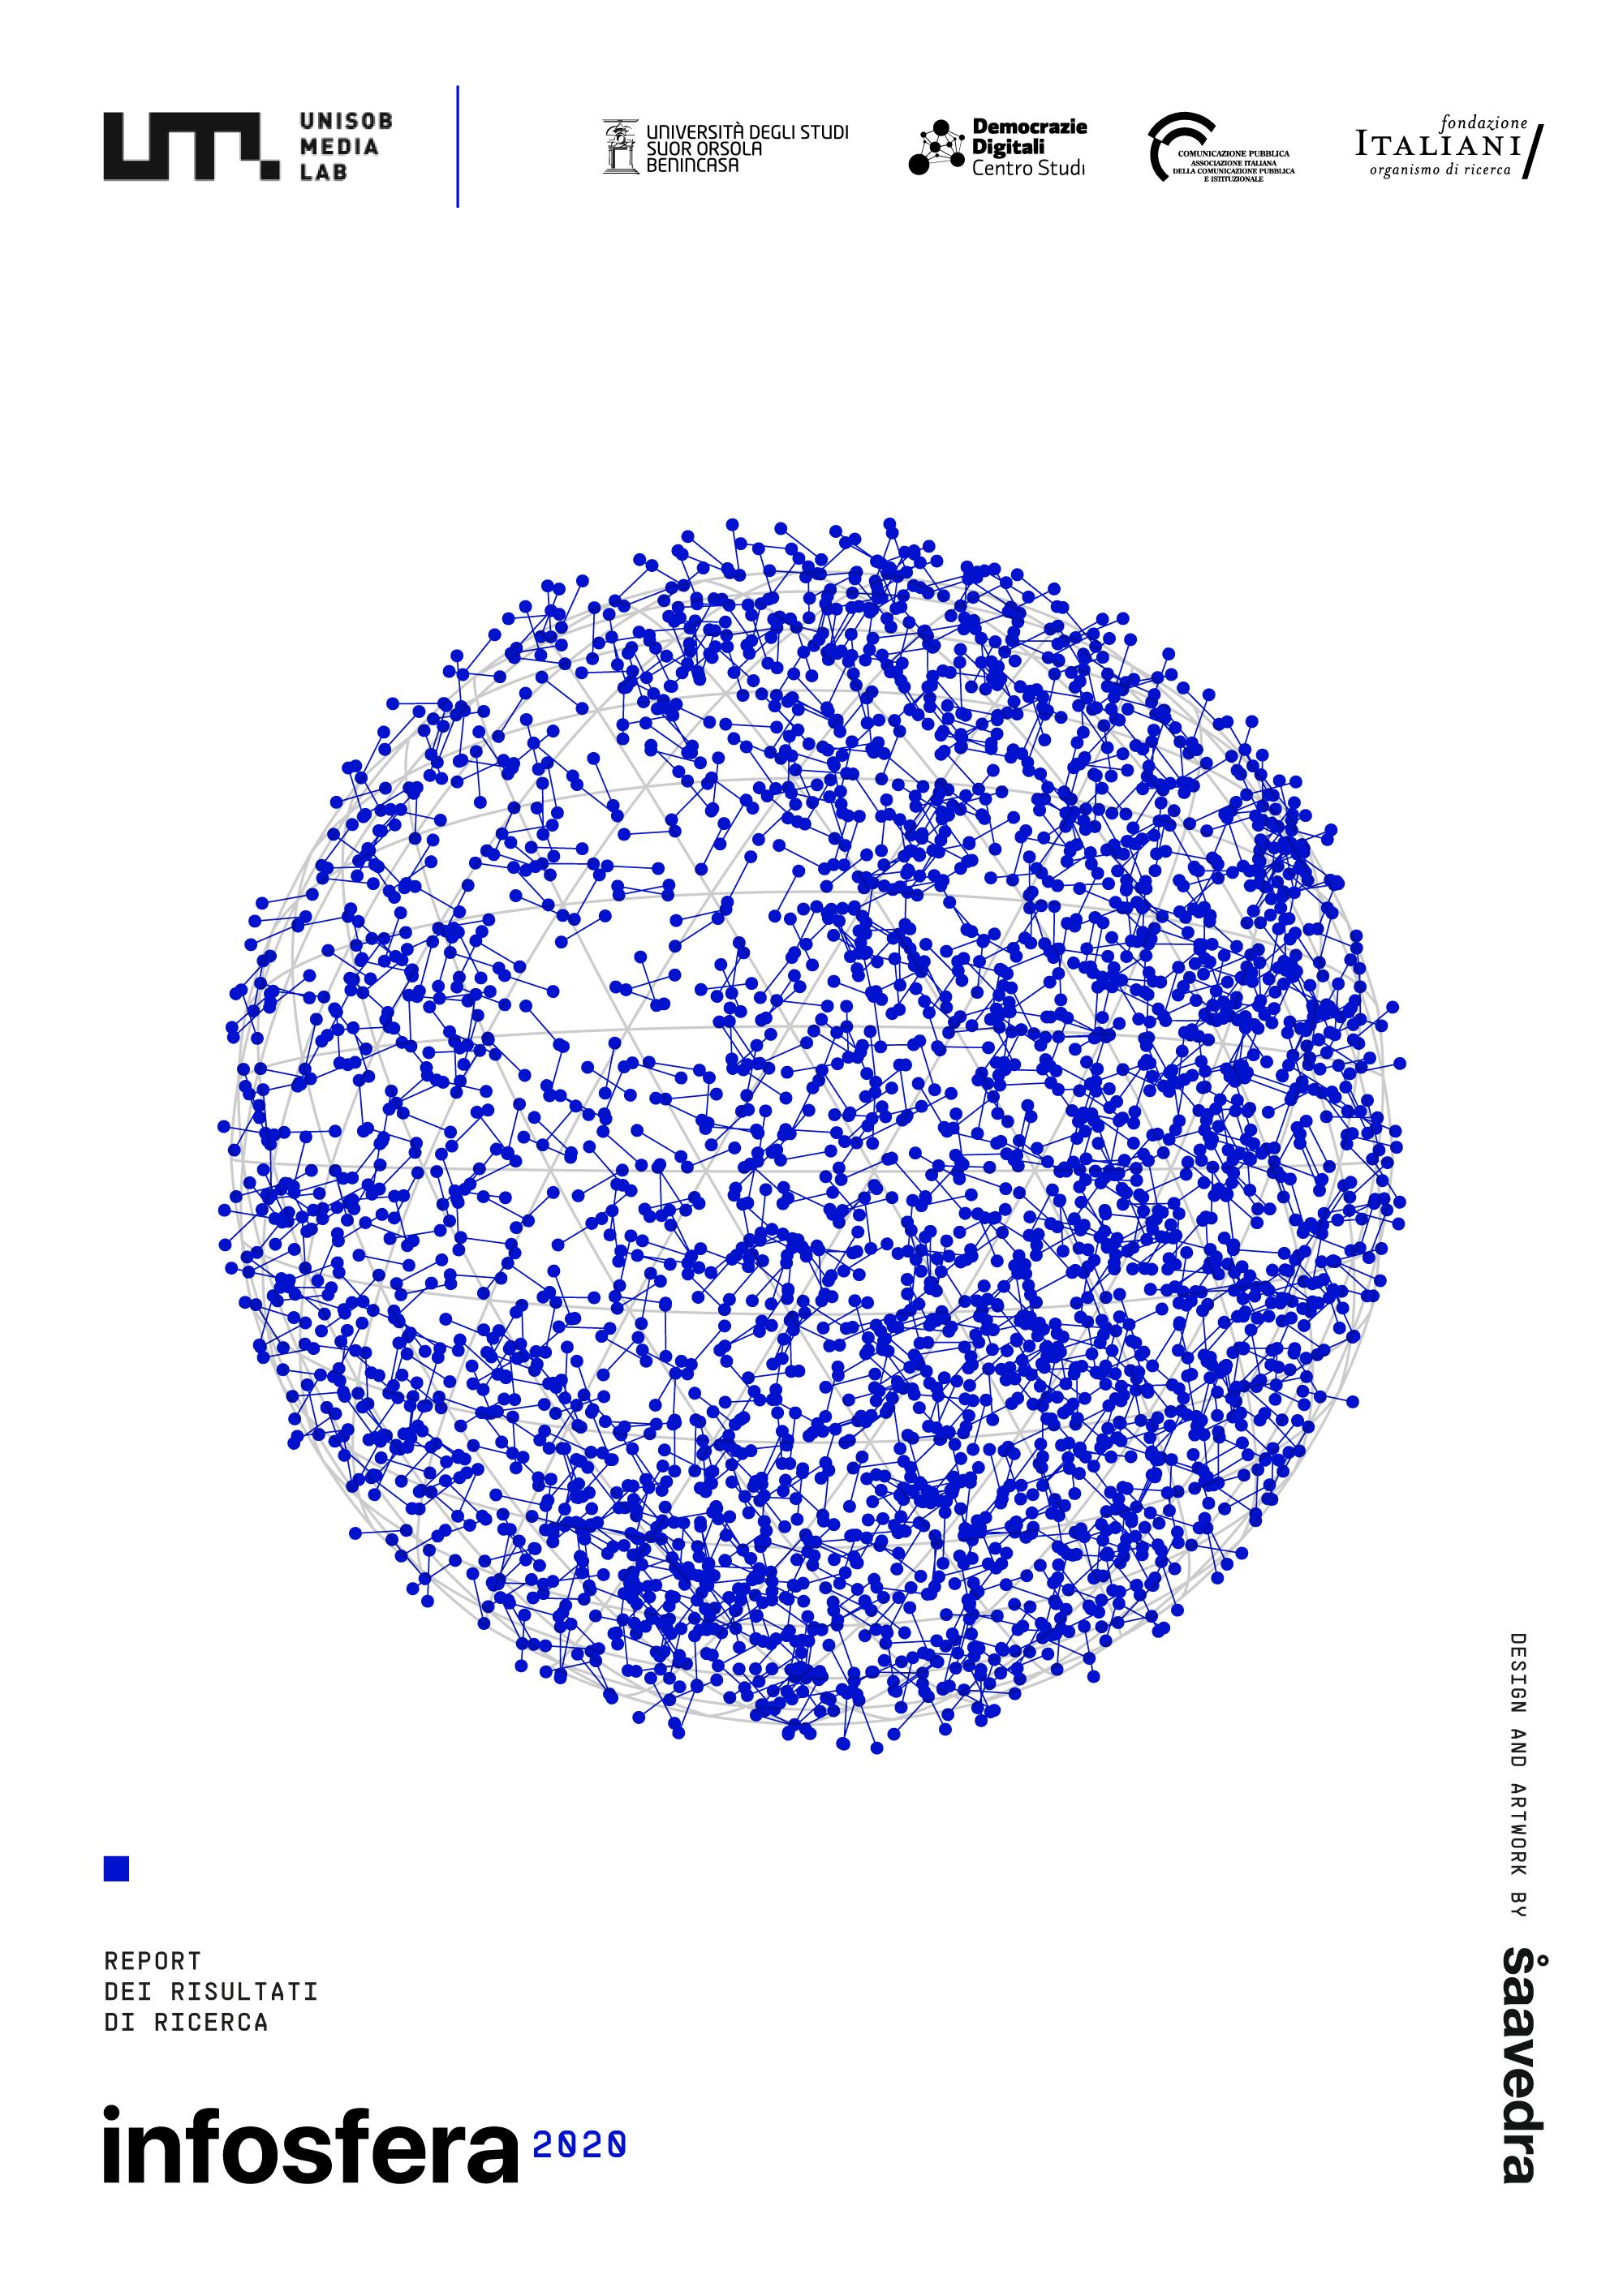 Infosfera 2020